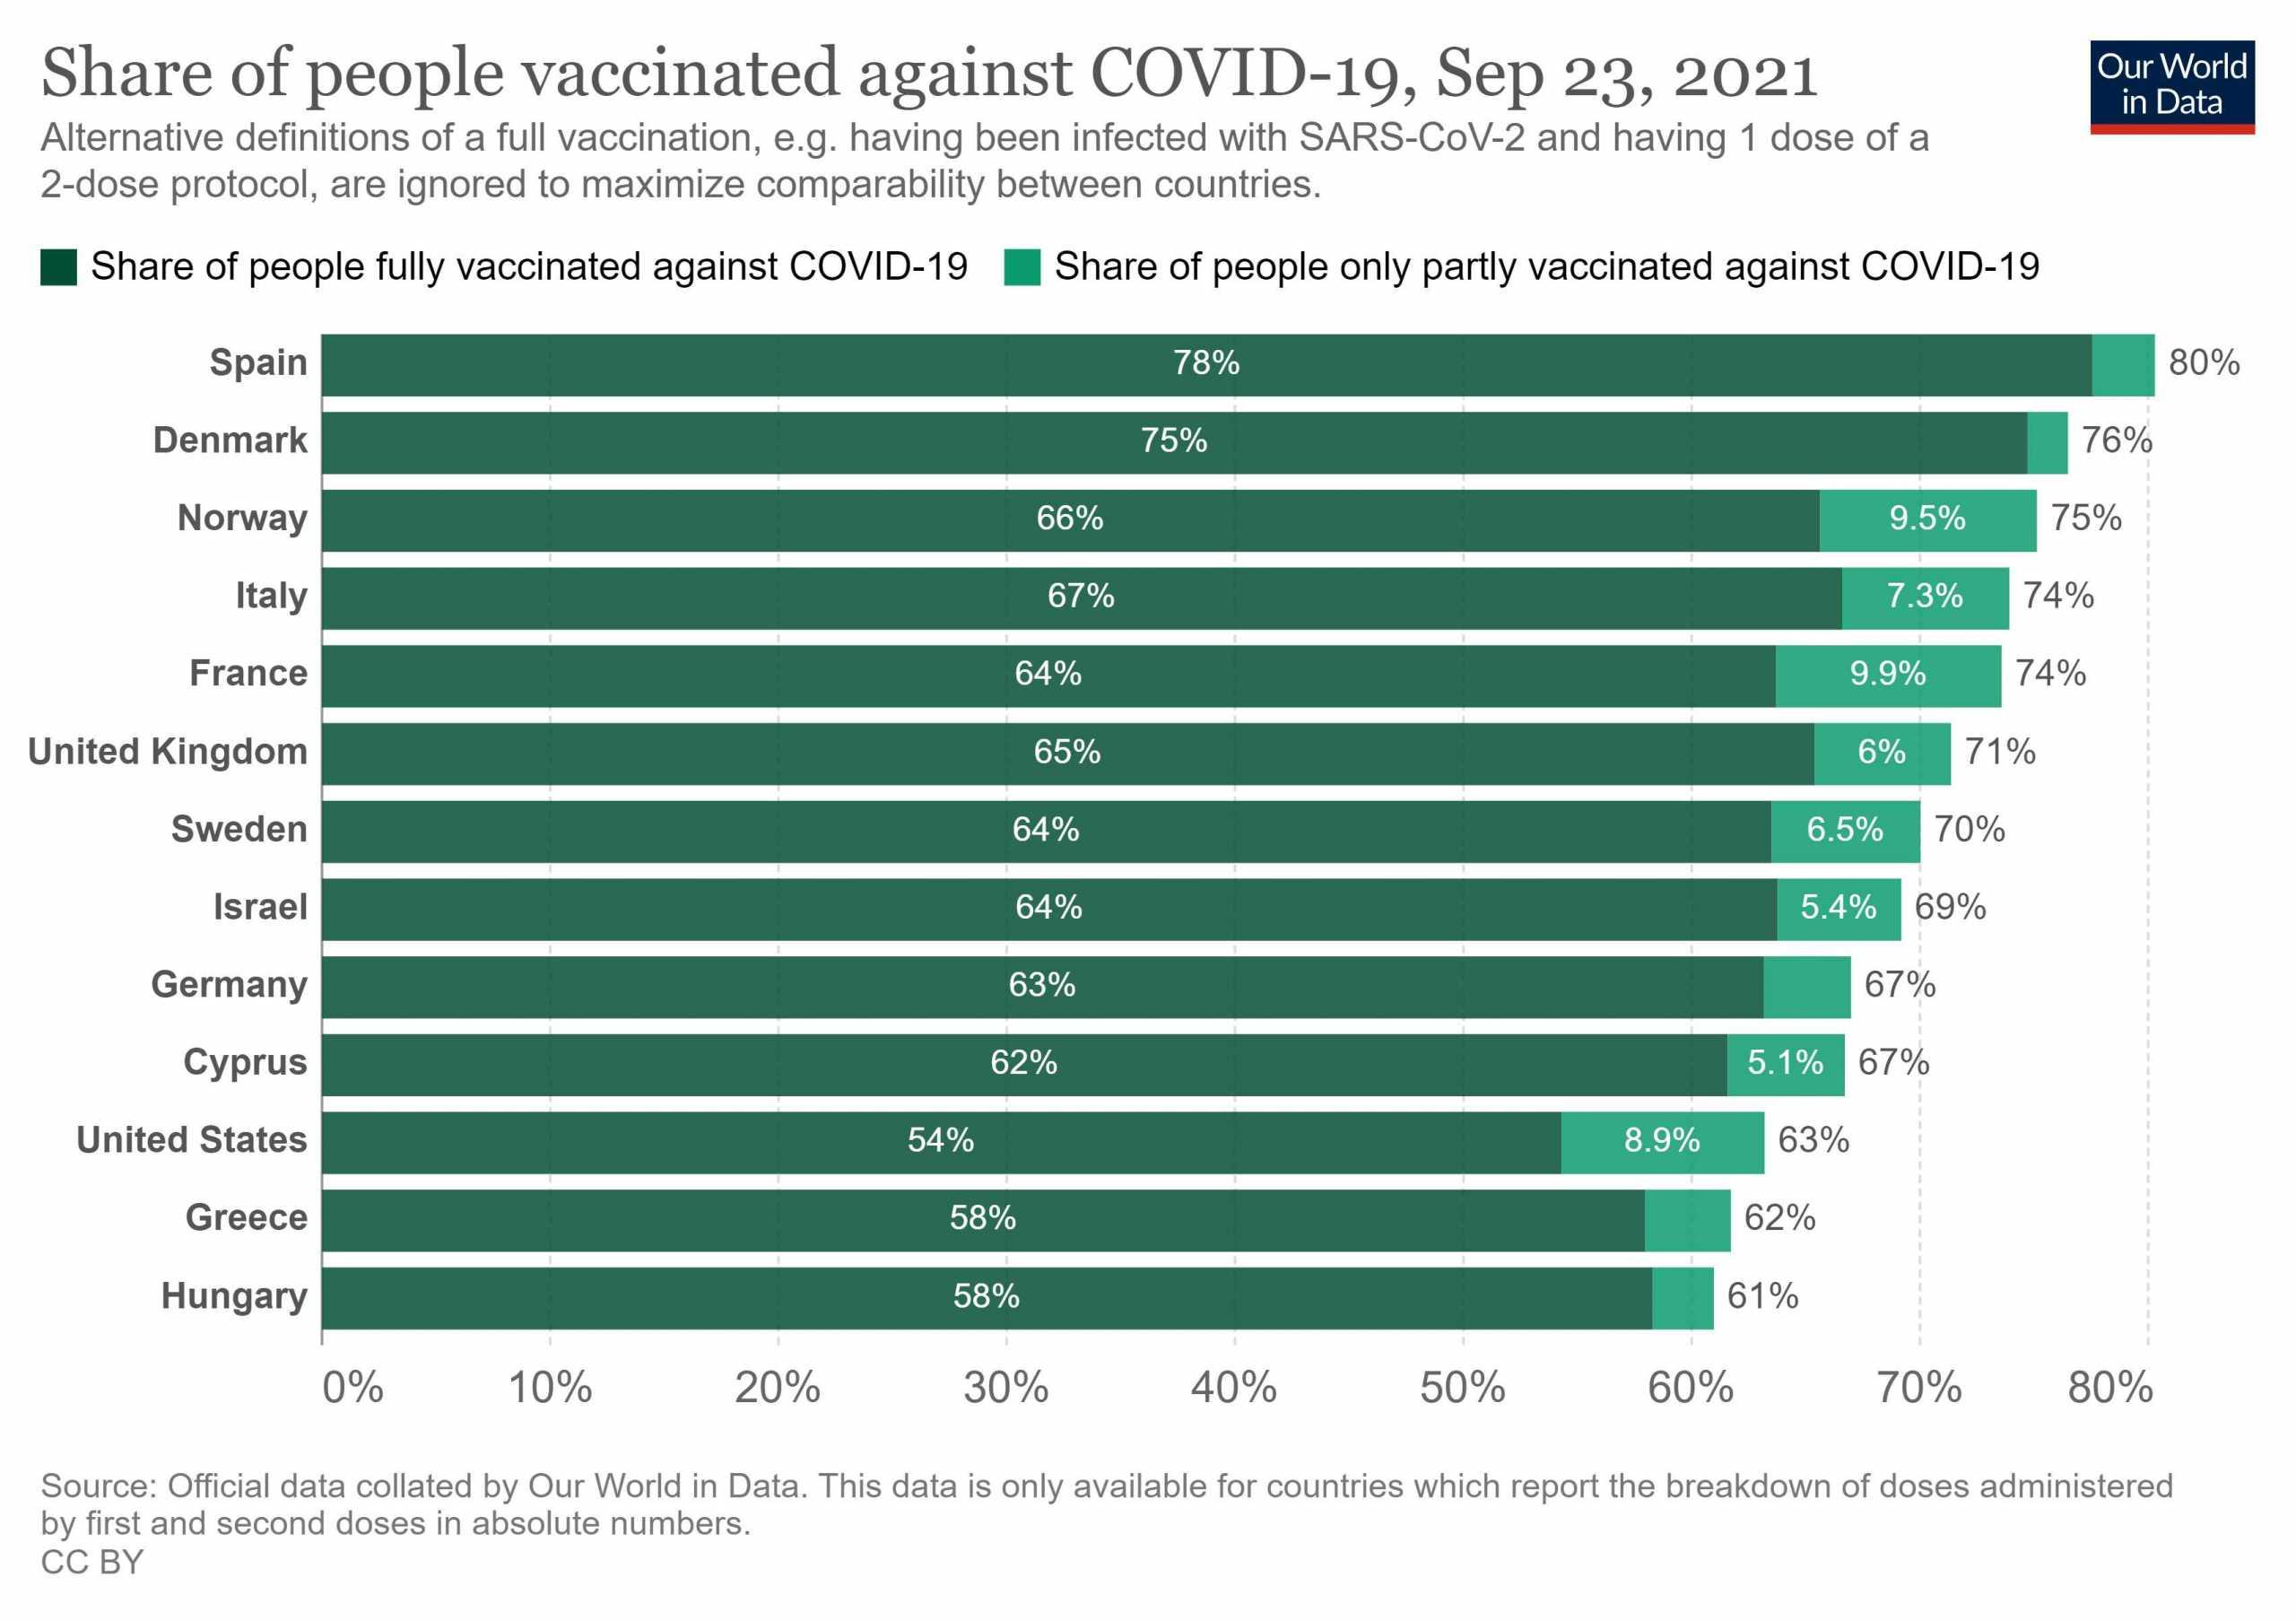 Κορονοϊός: Ποιες ευρωπαϊκές χώρες αίρουν τους περιορισμούς – Τι ποσοστά εμβολιασμού έχουν